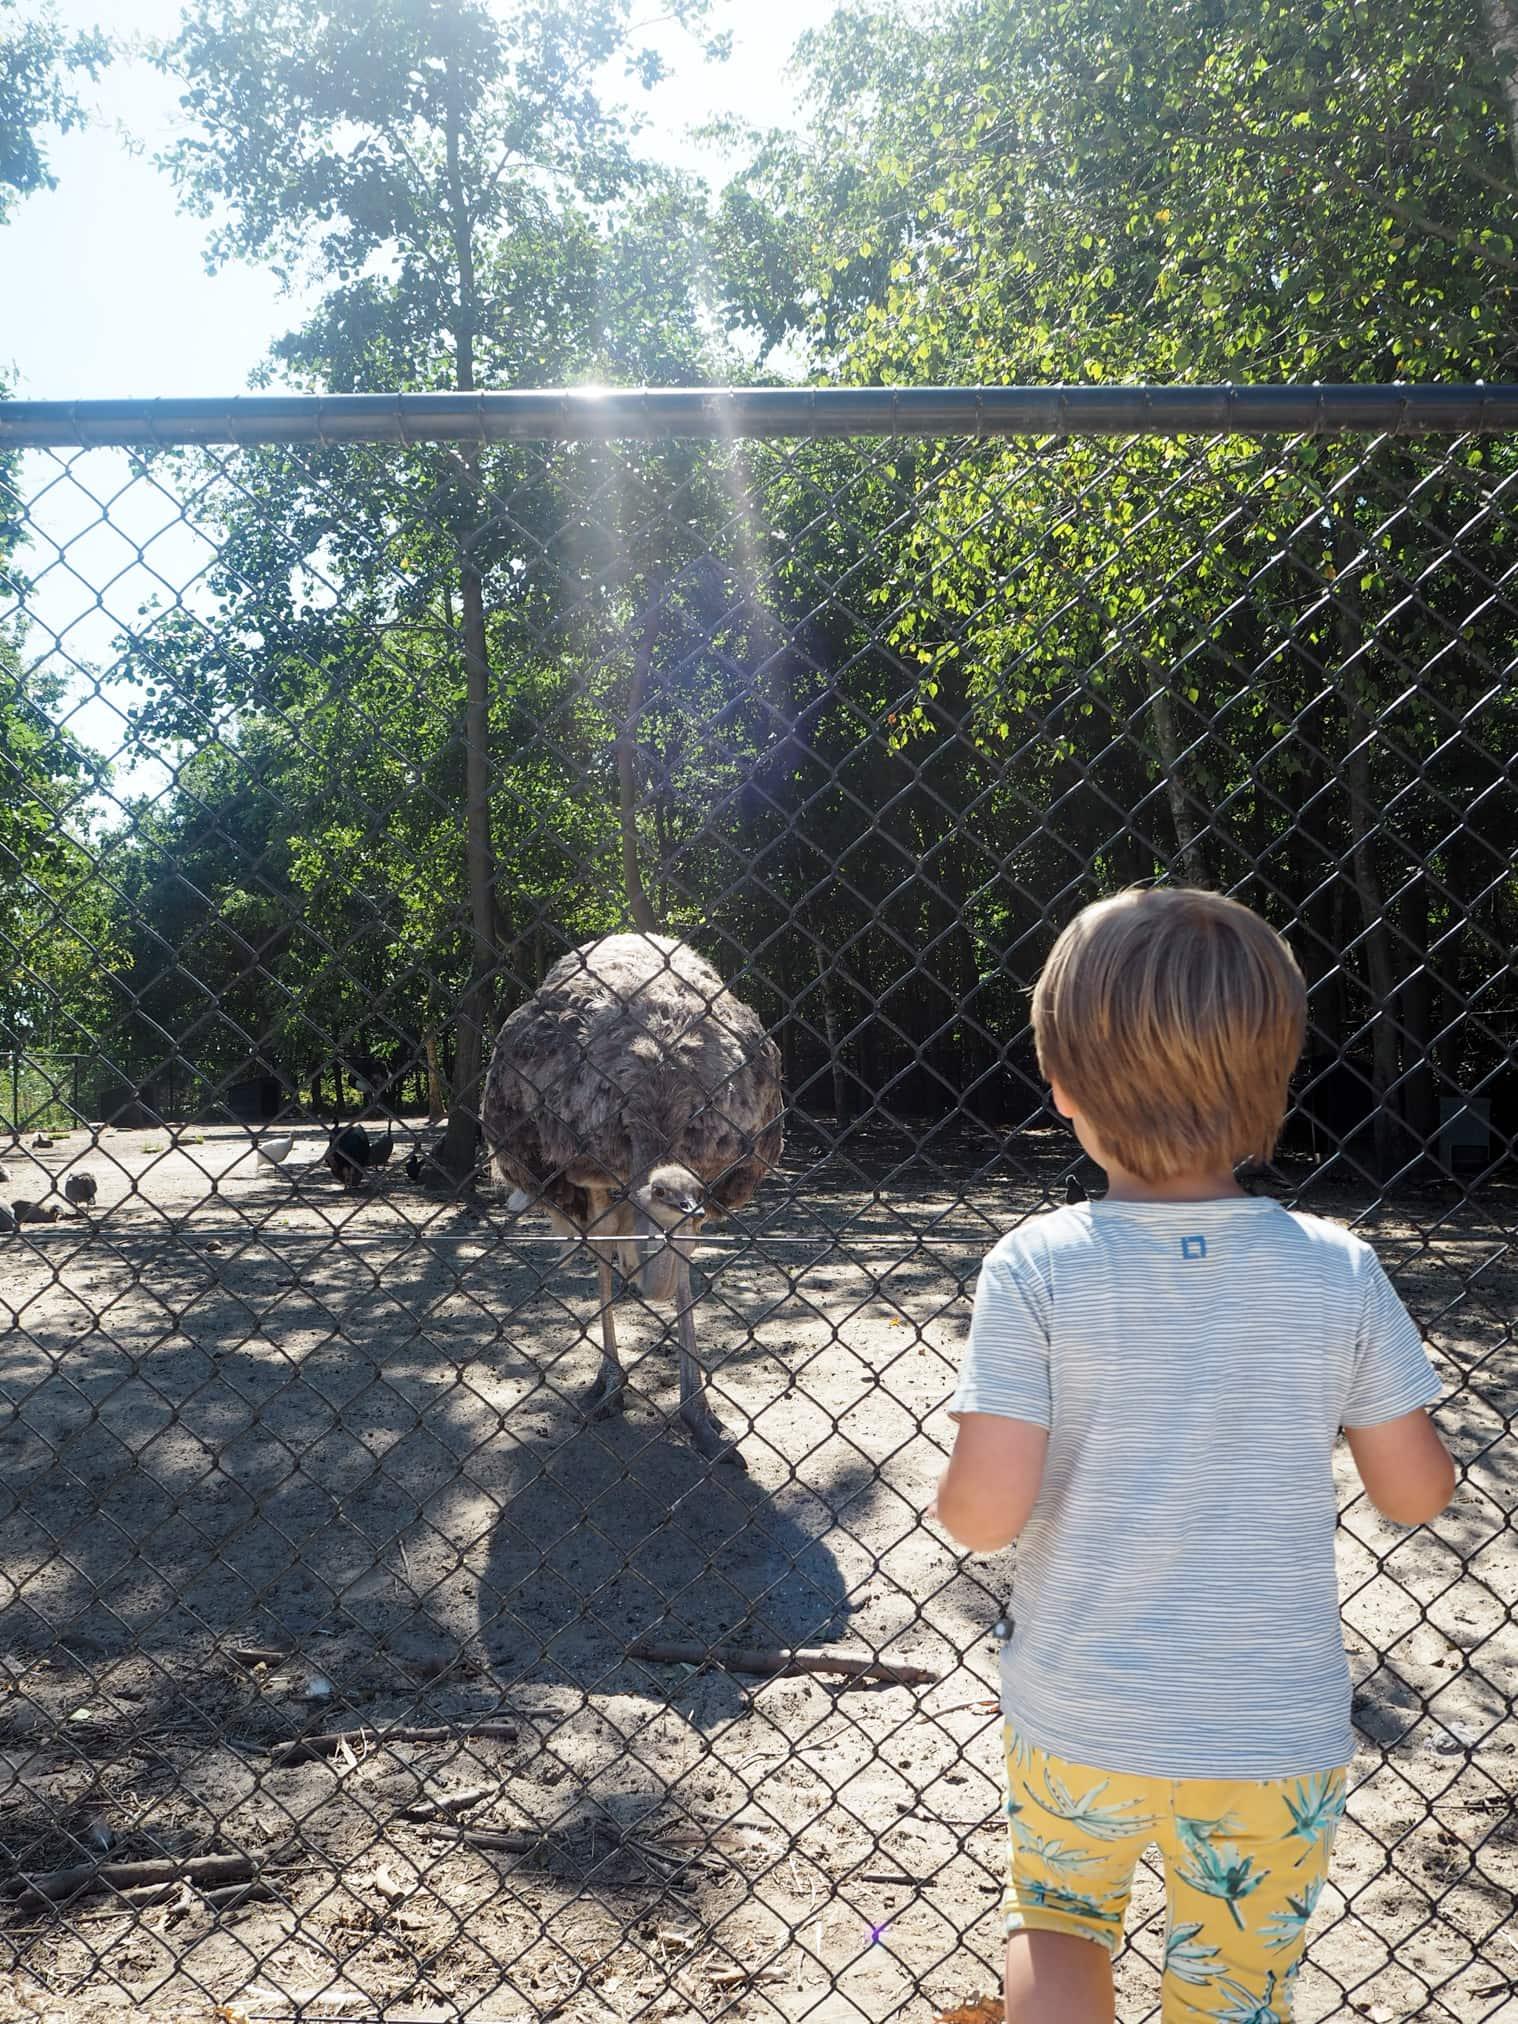 struisvogels in dierentuin noord holland